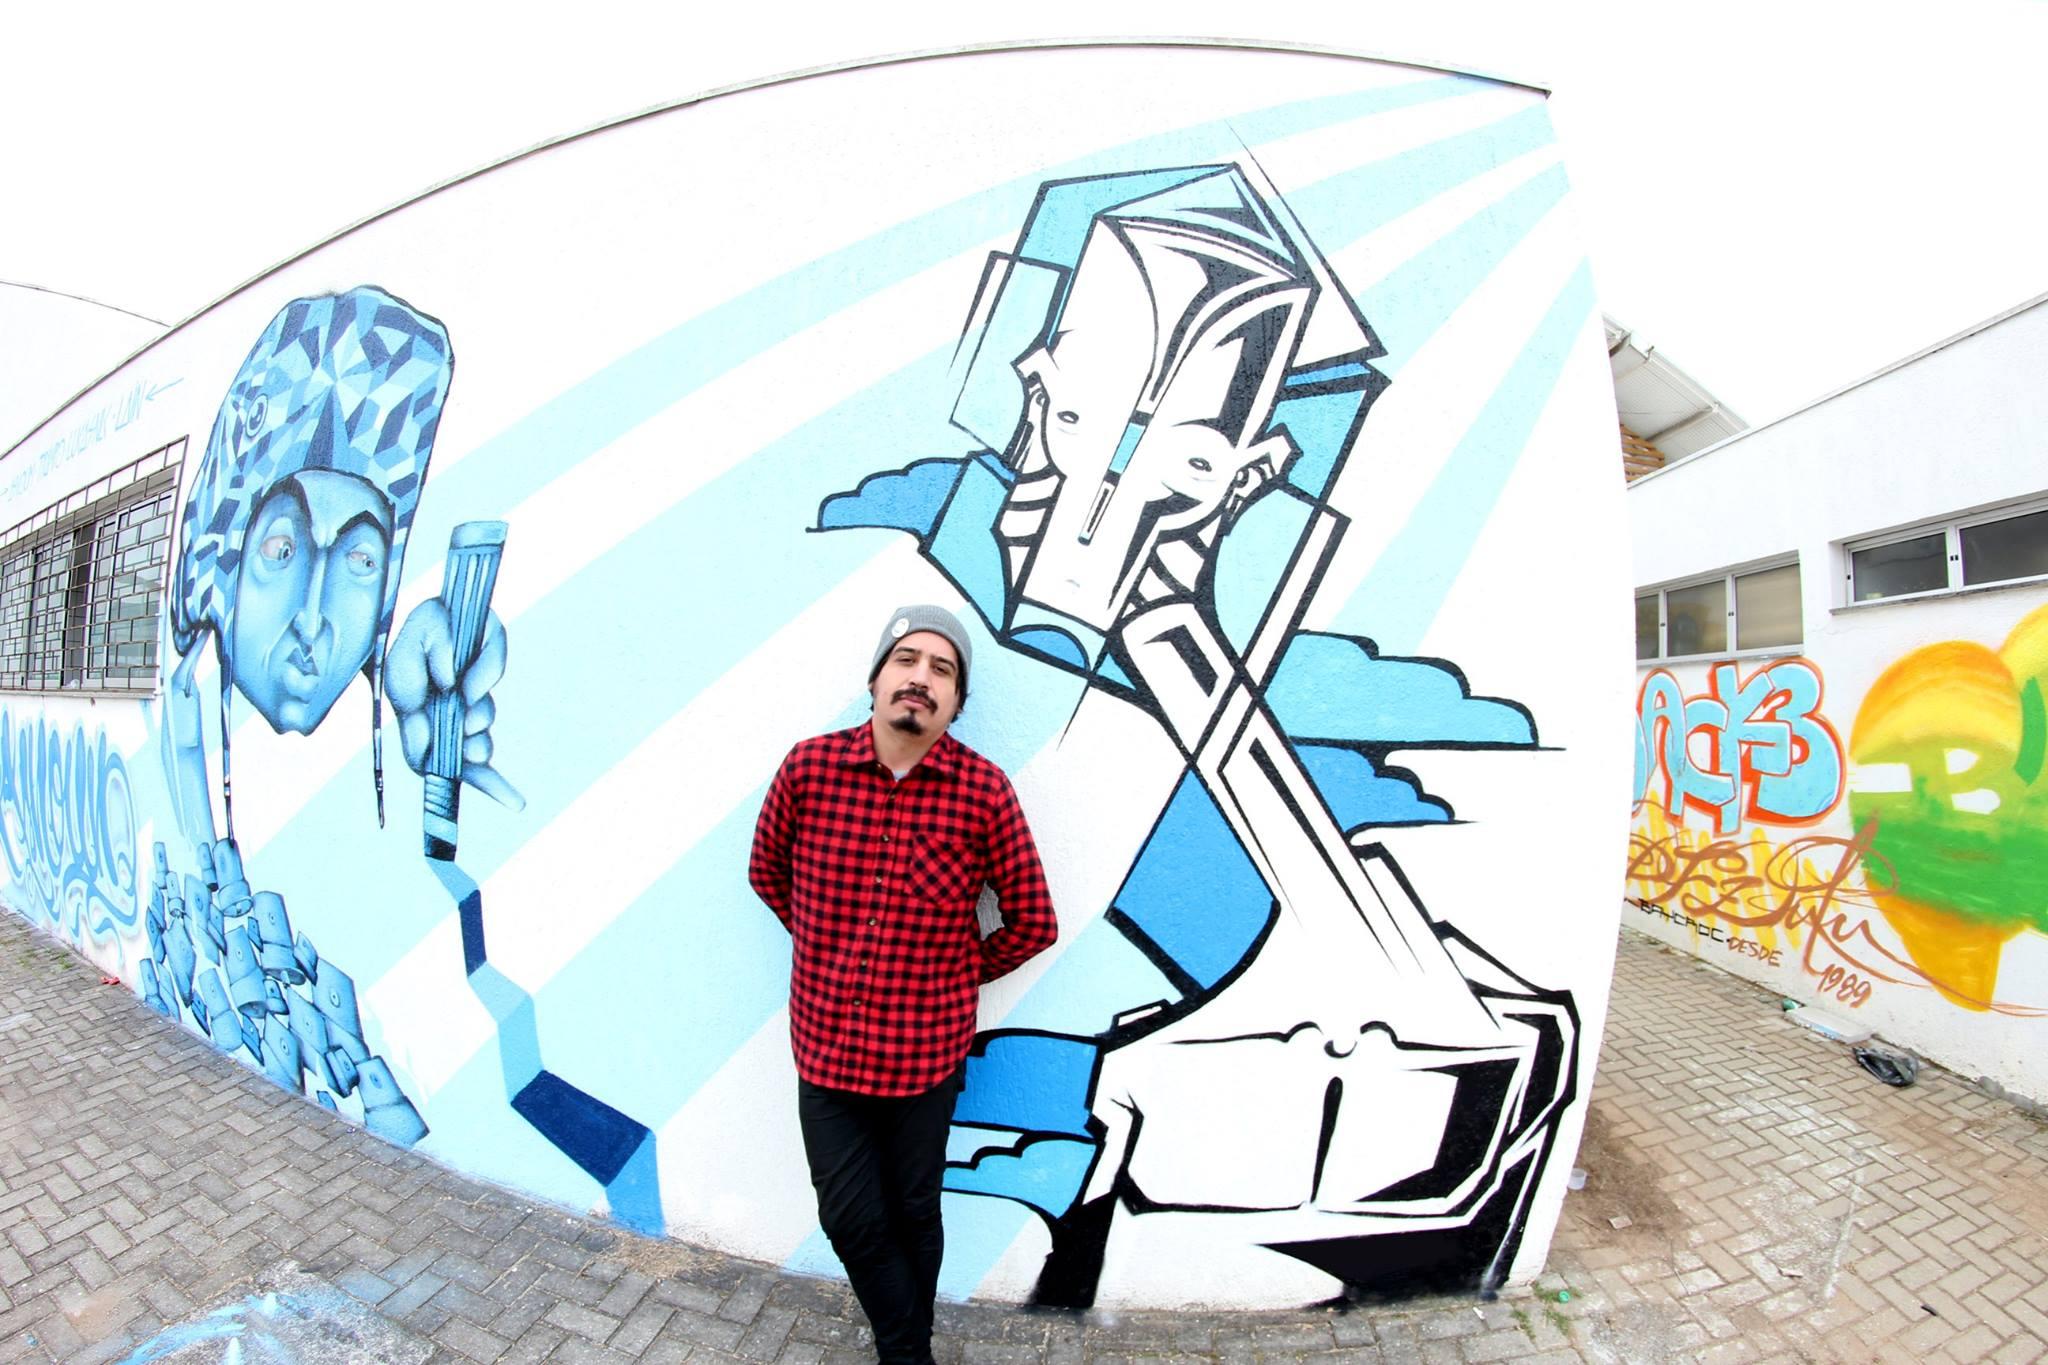 diogenes-machado-dsm-ilustração-pintura-graffiti-porto-alegre-dionisio-arte-10